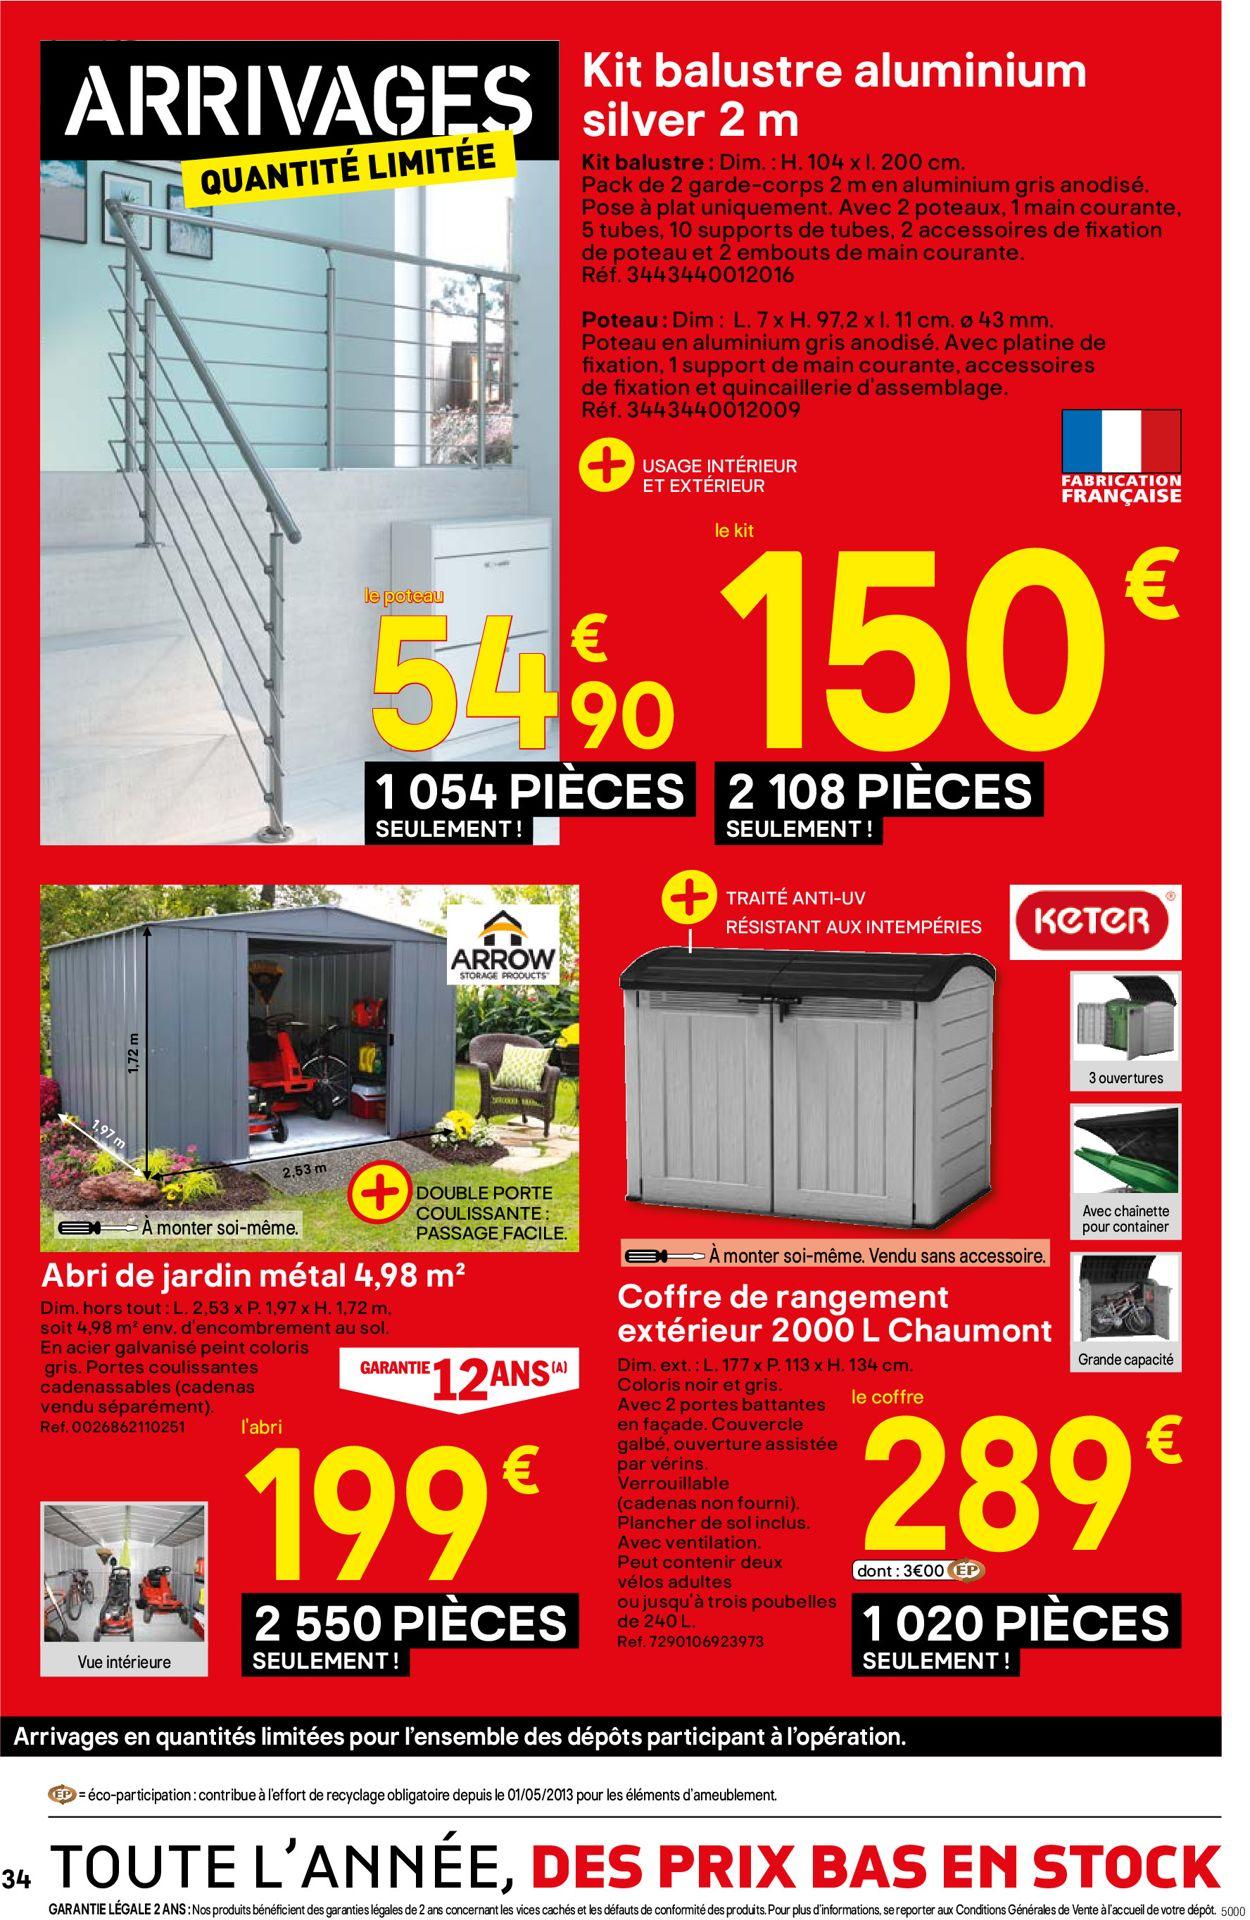 Brico Dépôt Catalogue Actuel 18.10 - 07.11.2019 [34 ... tout Coffre De Rangement Exterieur Brico Depot